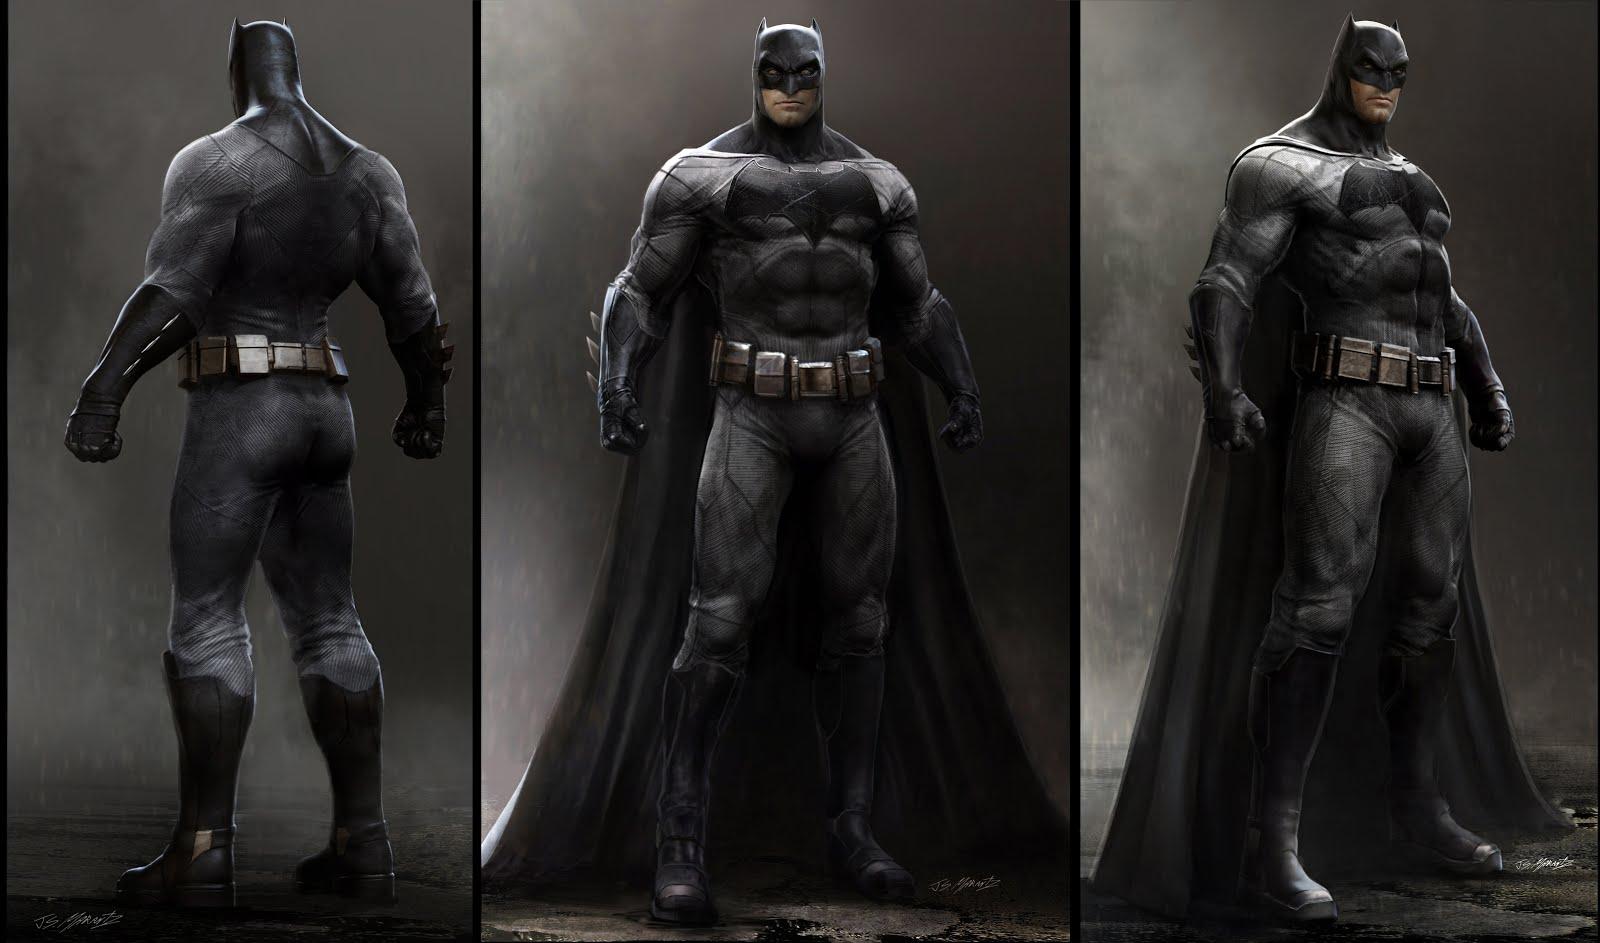 Batman v Superman: Dawn of Justice Concept Illustrations by Jerad Marantz